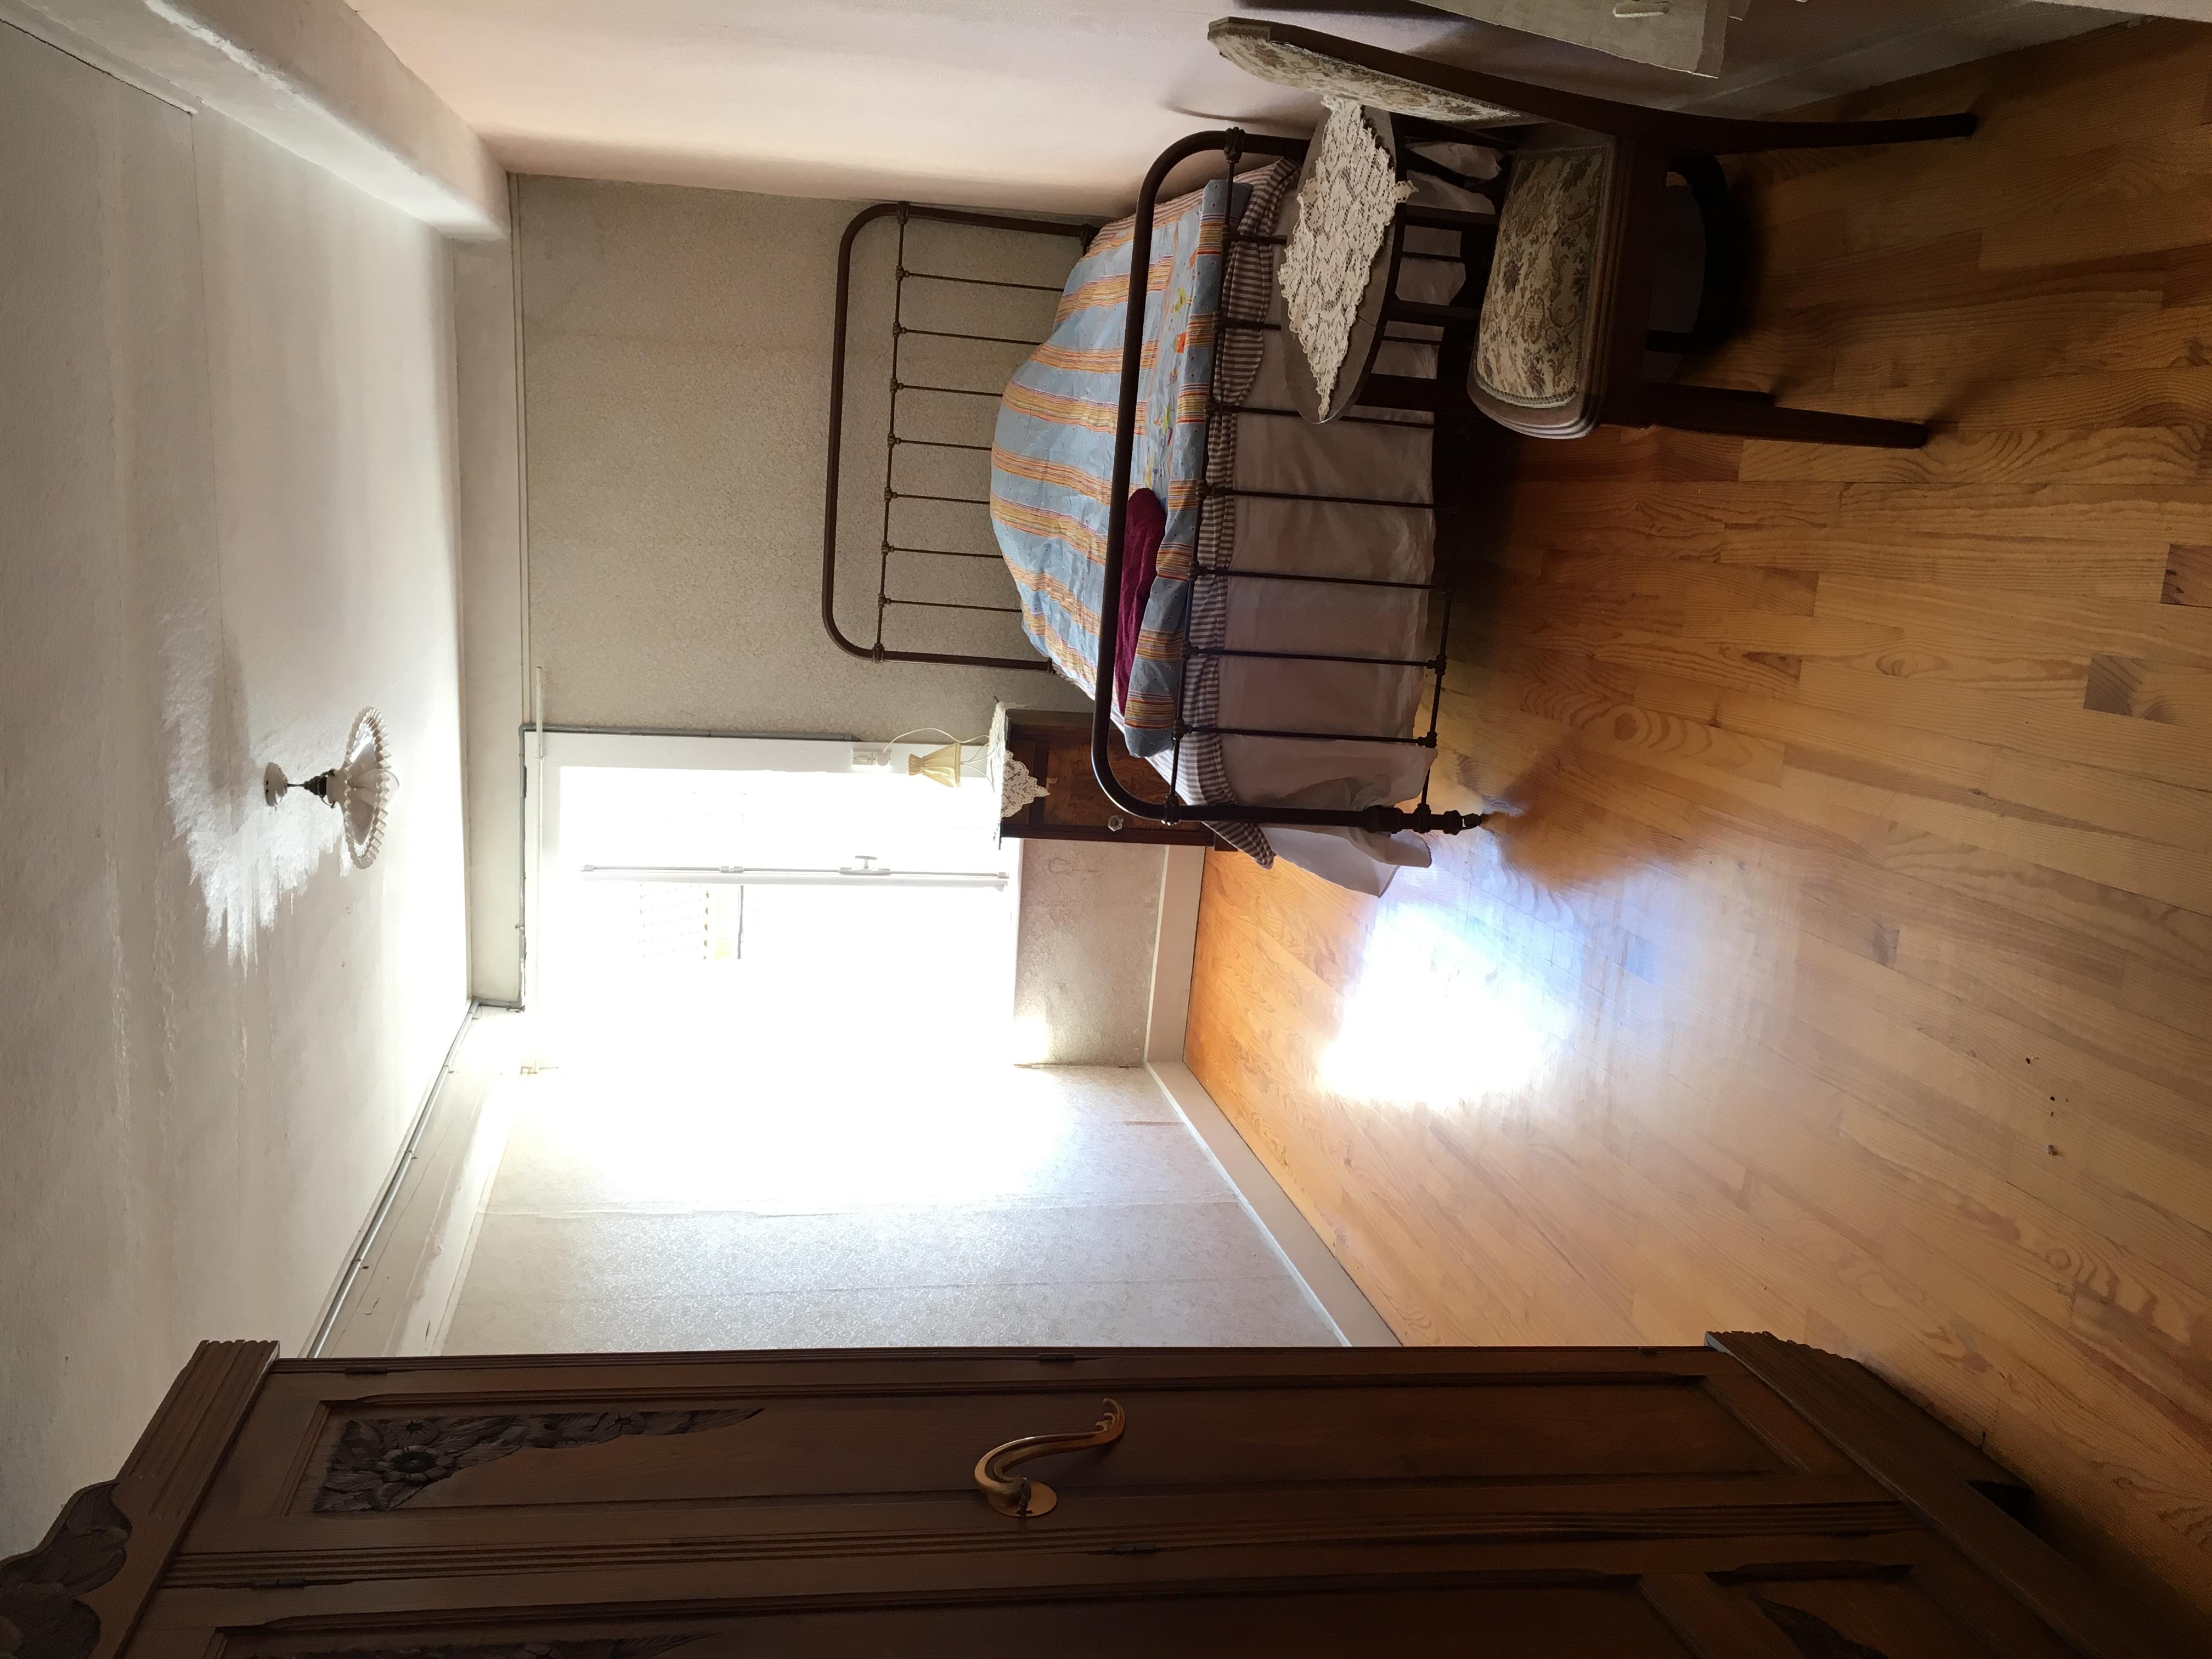 Kolla den klassiska, franska järnsängen! Möblerna i det här huset är fantastiska!